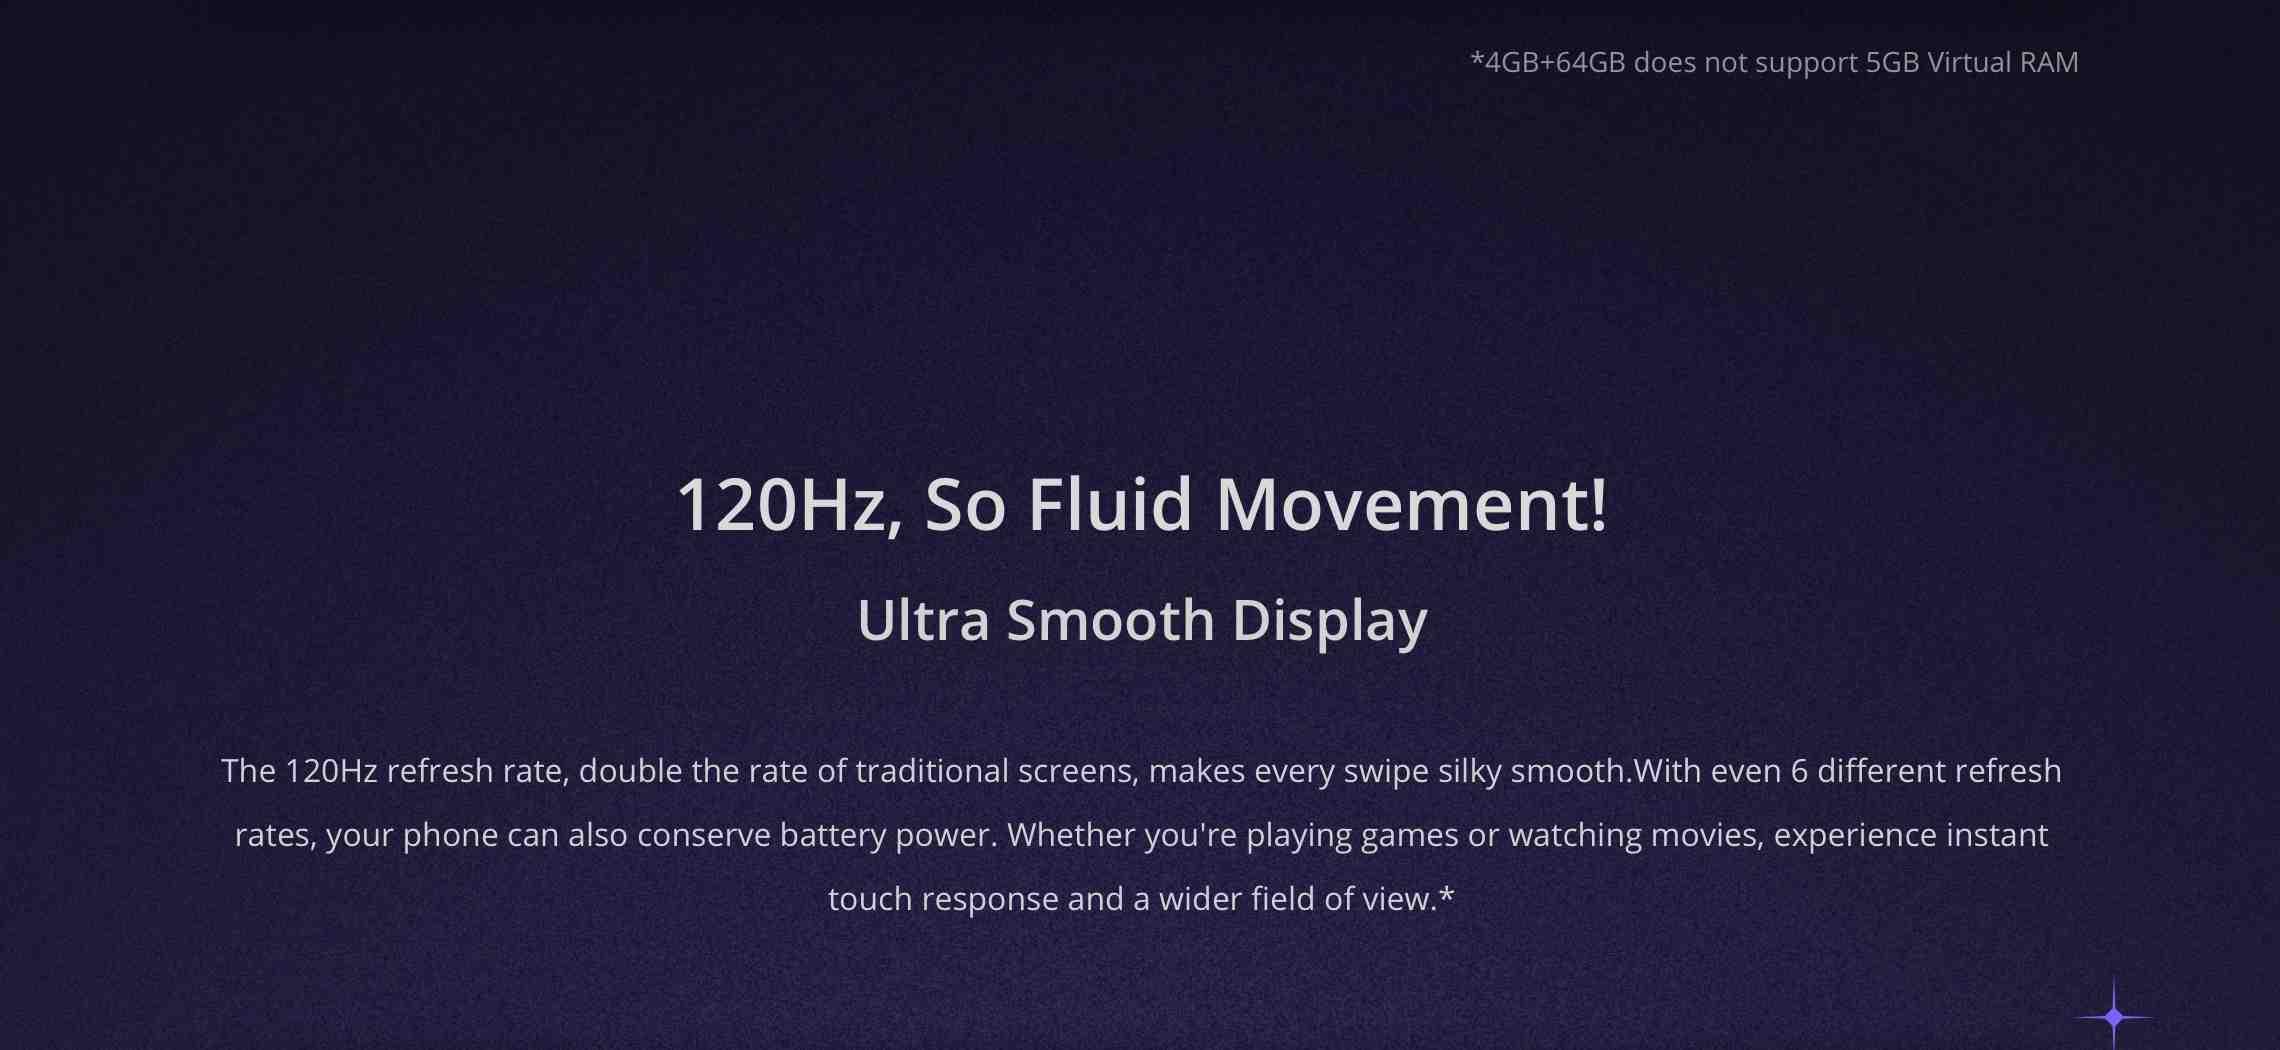 Realme smooth display